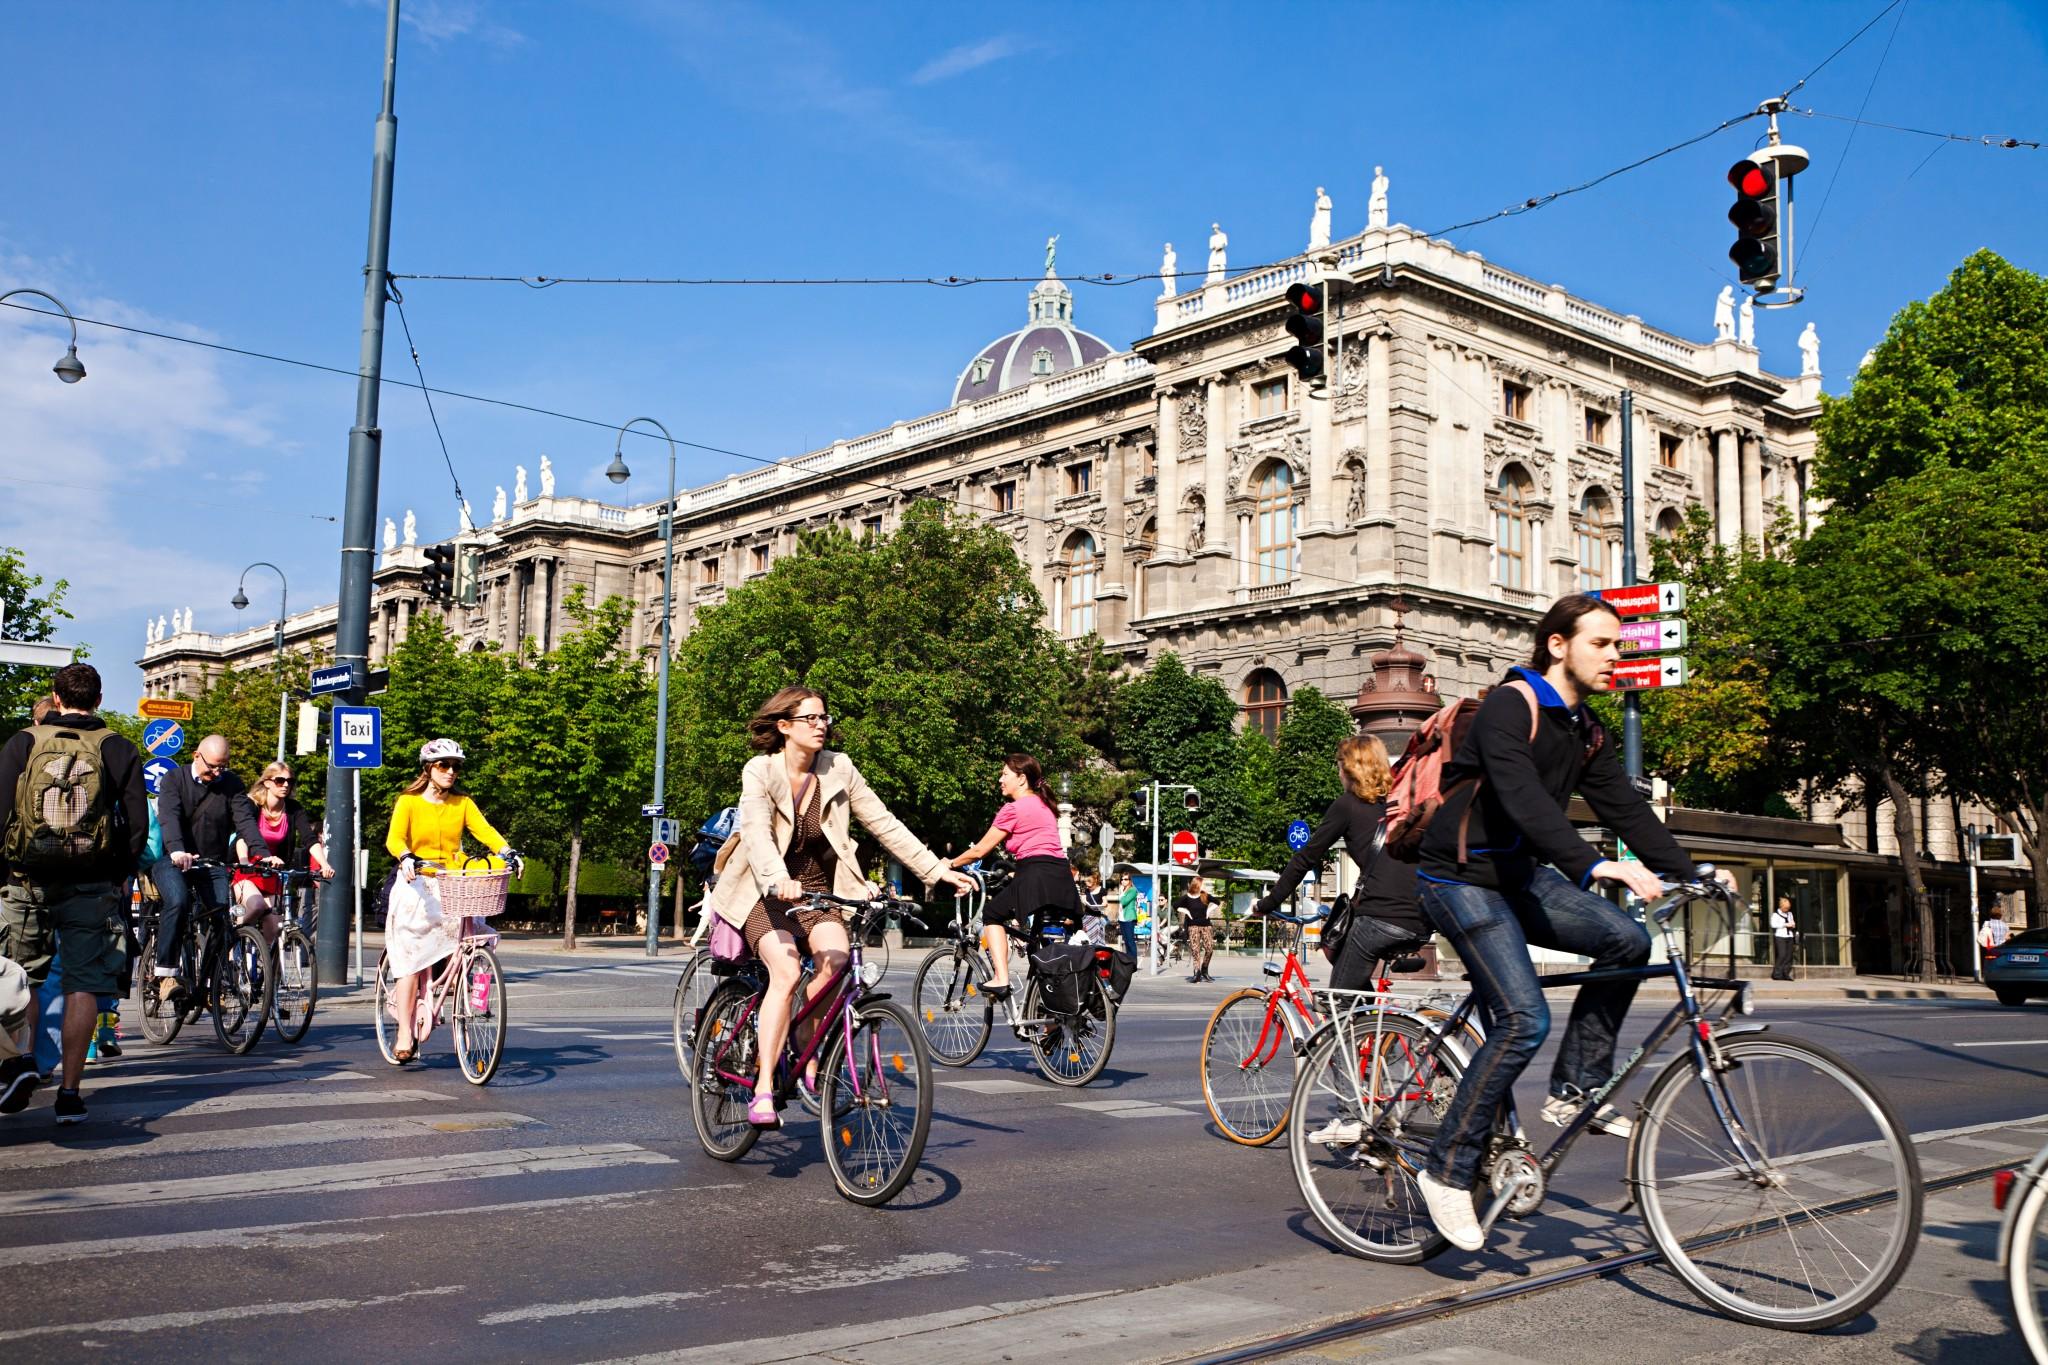 Wien war bereits 2011 auf dem 19. Platz im Index vertreten. 2013 rutschte es wieder aus den Top 20. Im aktuellen Index feiert Wien das Comeback auf dem 16. Platz. (Bild: Fahrrad Wien. Peter Provaznik)